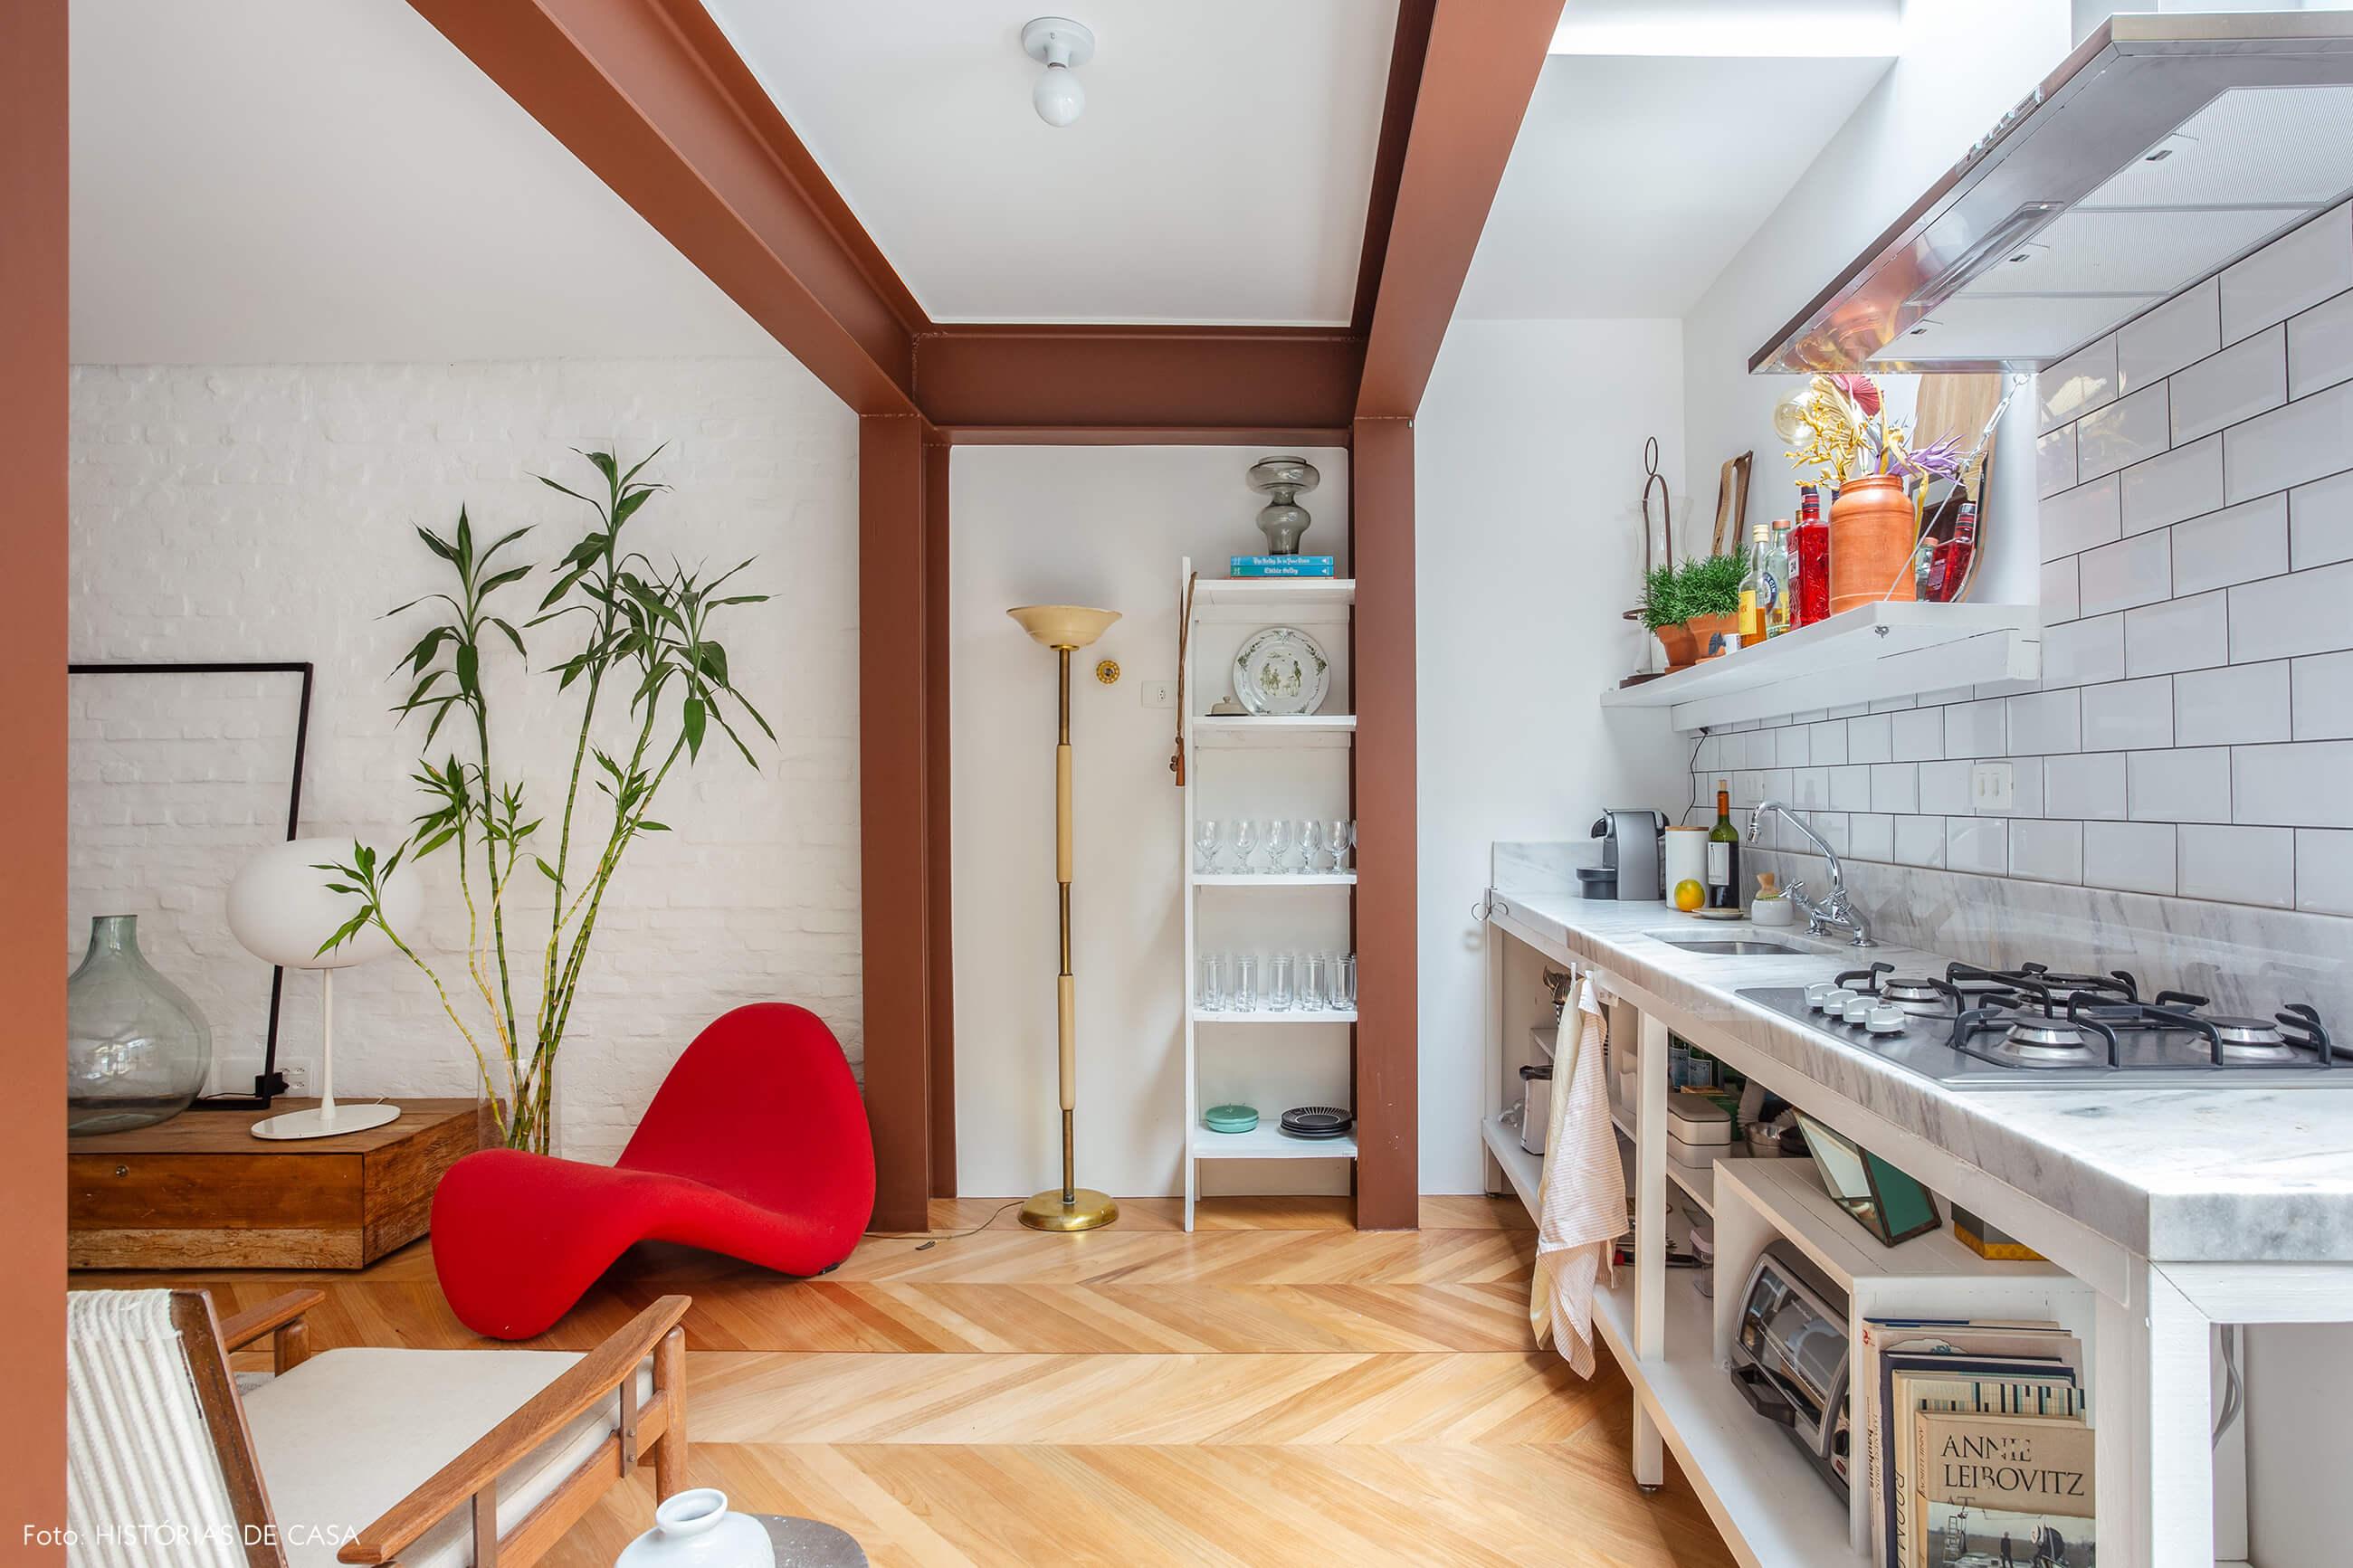 Casa com cozinha integrada e piso espinha de peixe